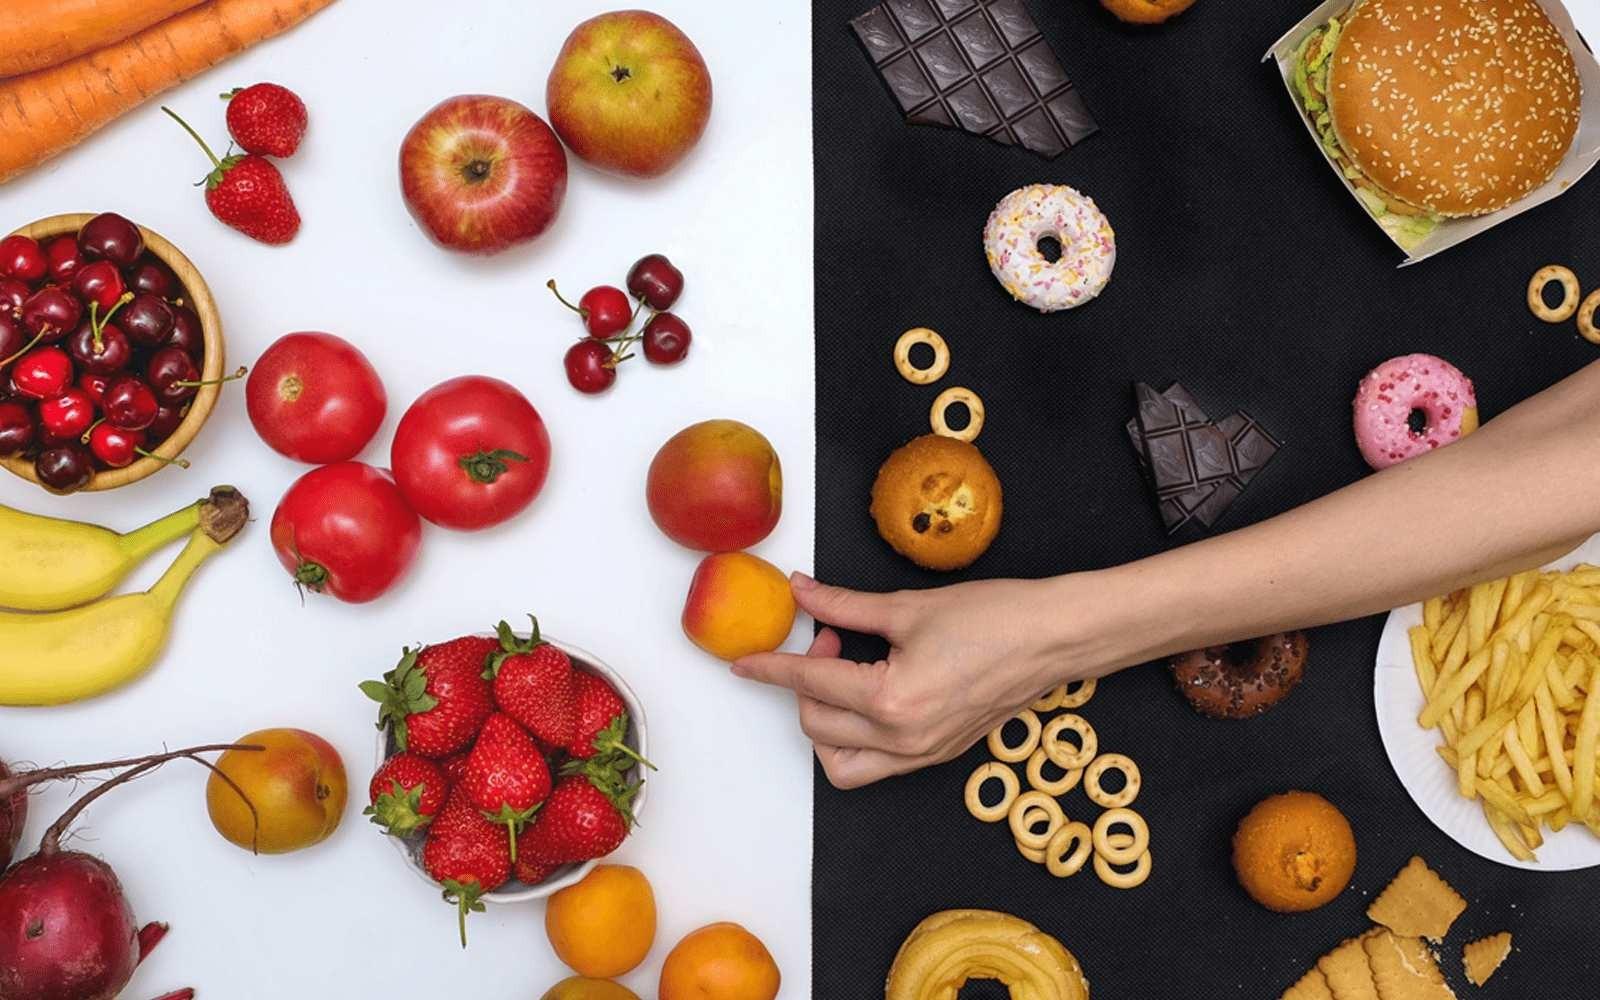 Kadar Gula Darah Bisa Dijaga dengan Nutrisi Makanan Pengganti